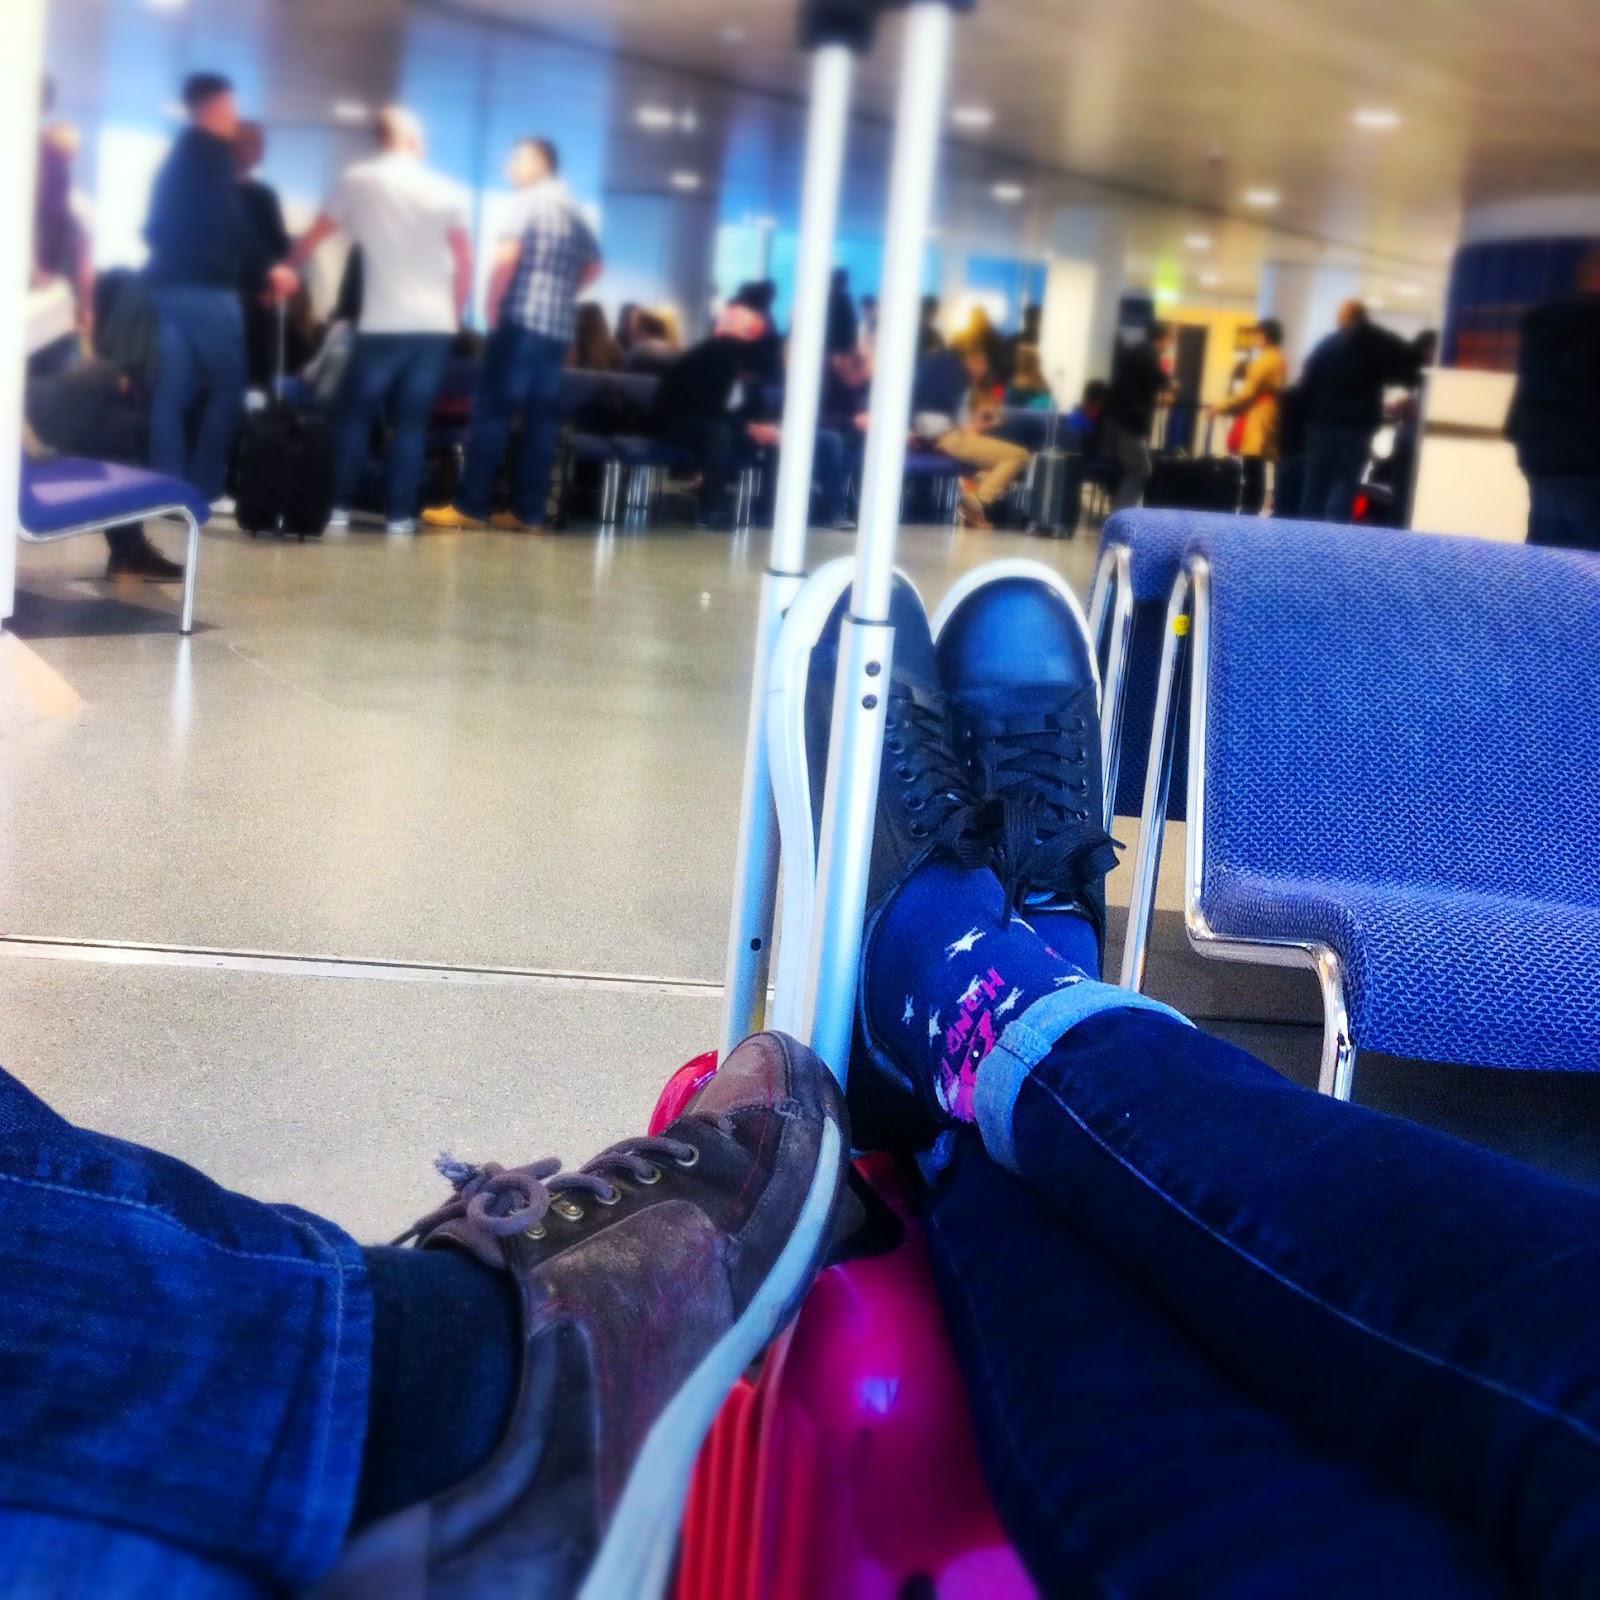 Uçuş Kaynaklı Sağlık Sorunları Nelerdir?